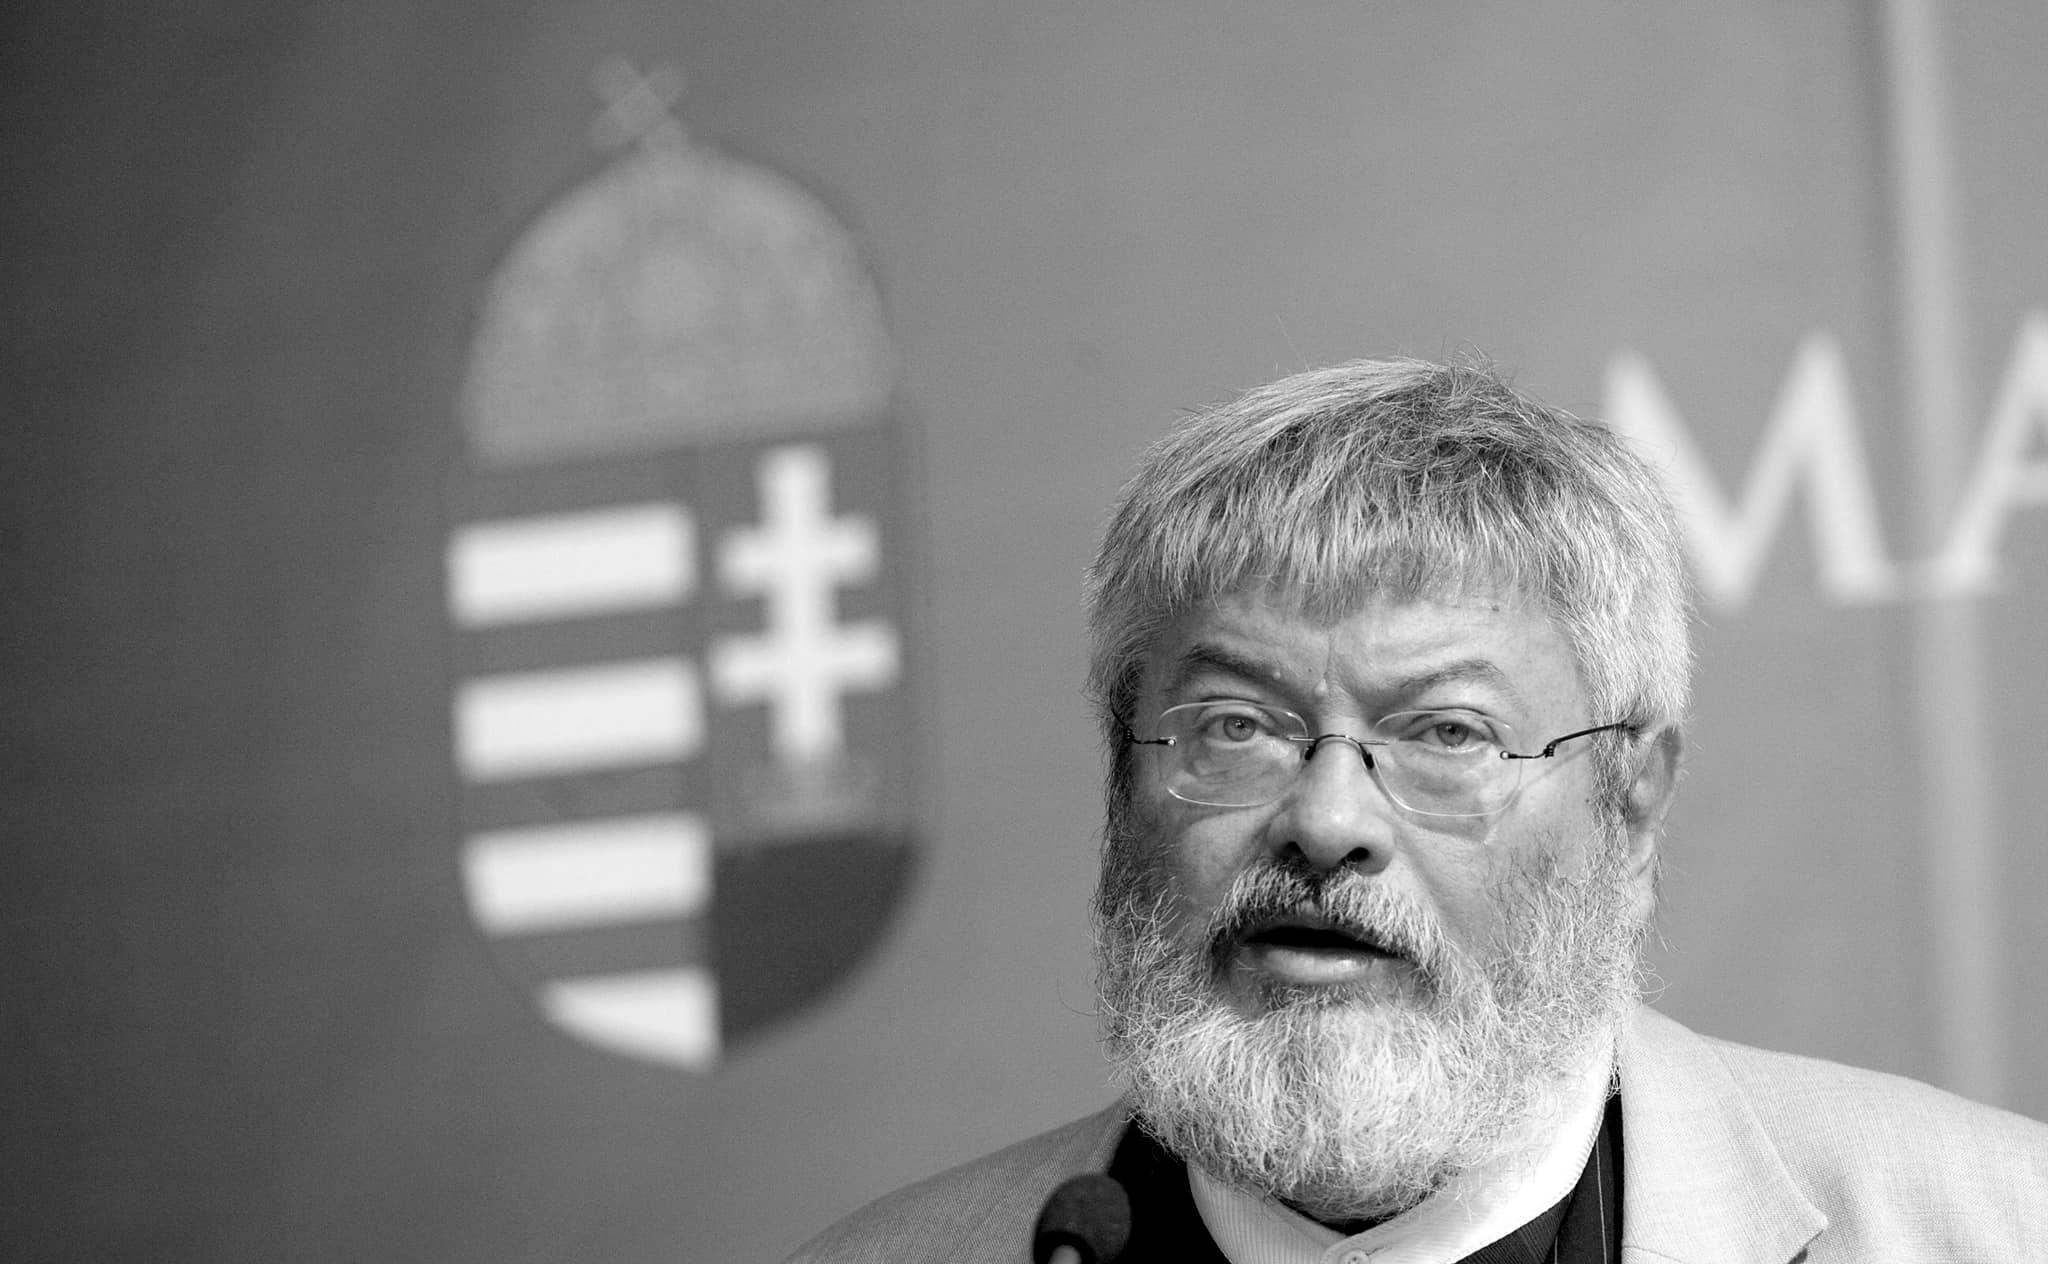 Dichter und Berater Viktor Orbáns Géza Szőcs mit 67 Jahren gestorben